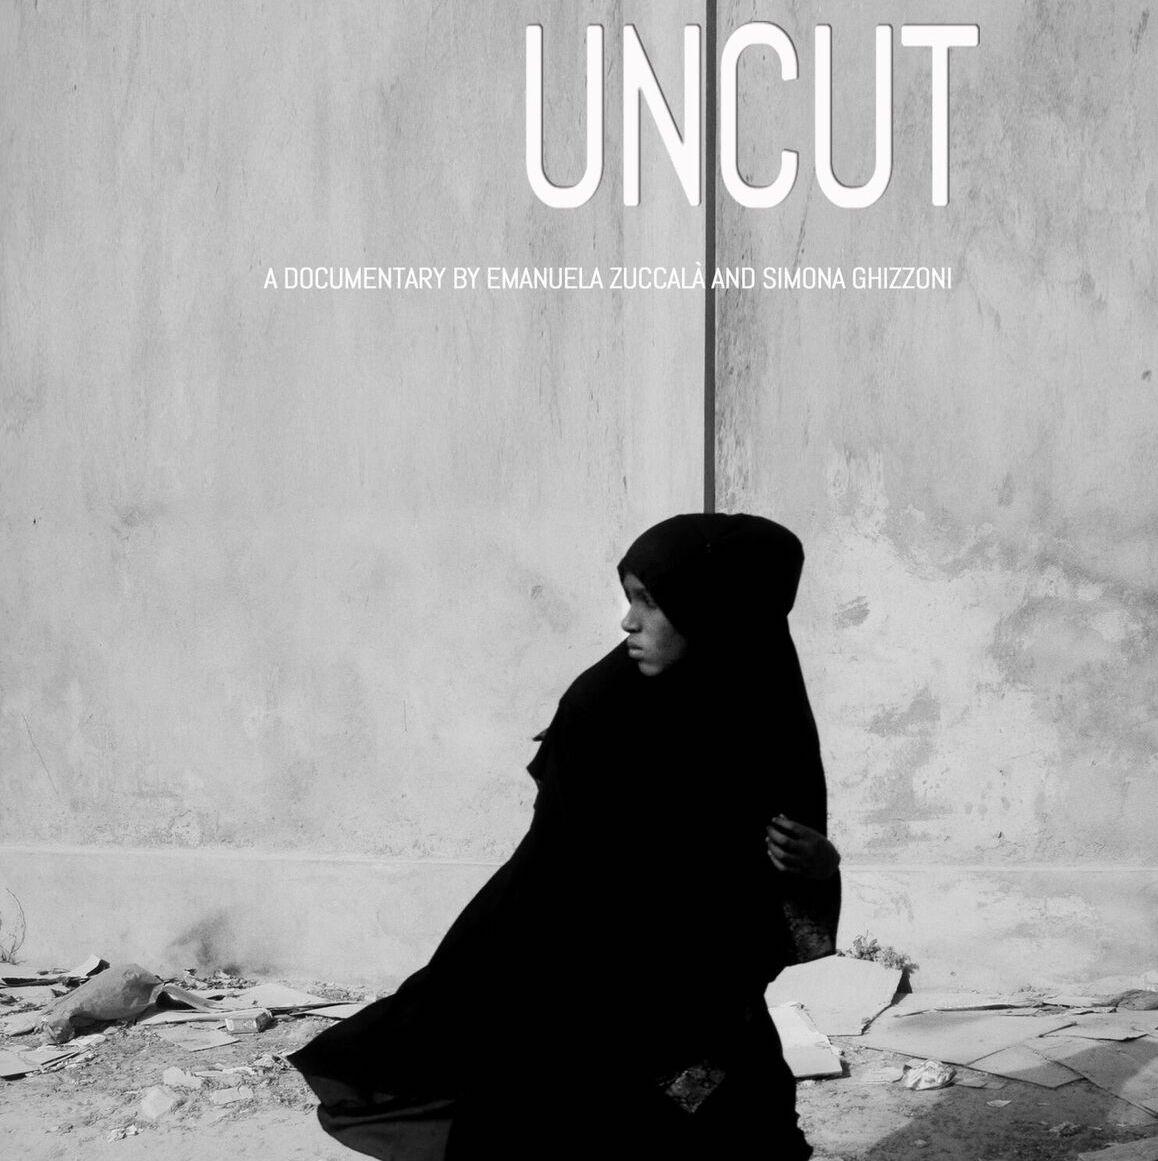 uncut_poster-cuadrado